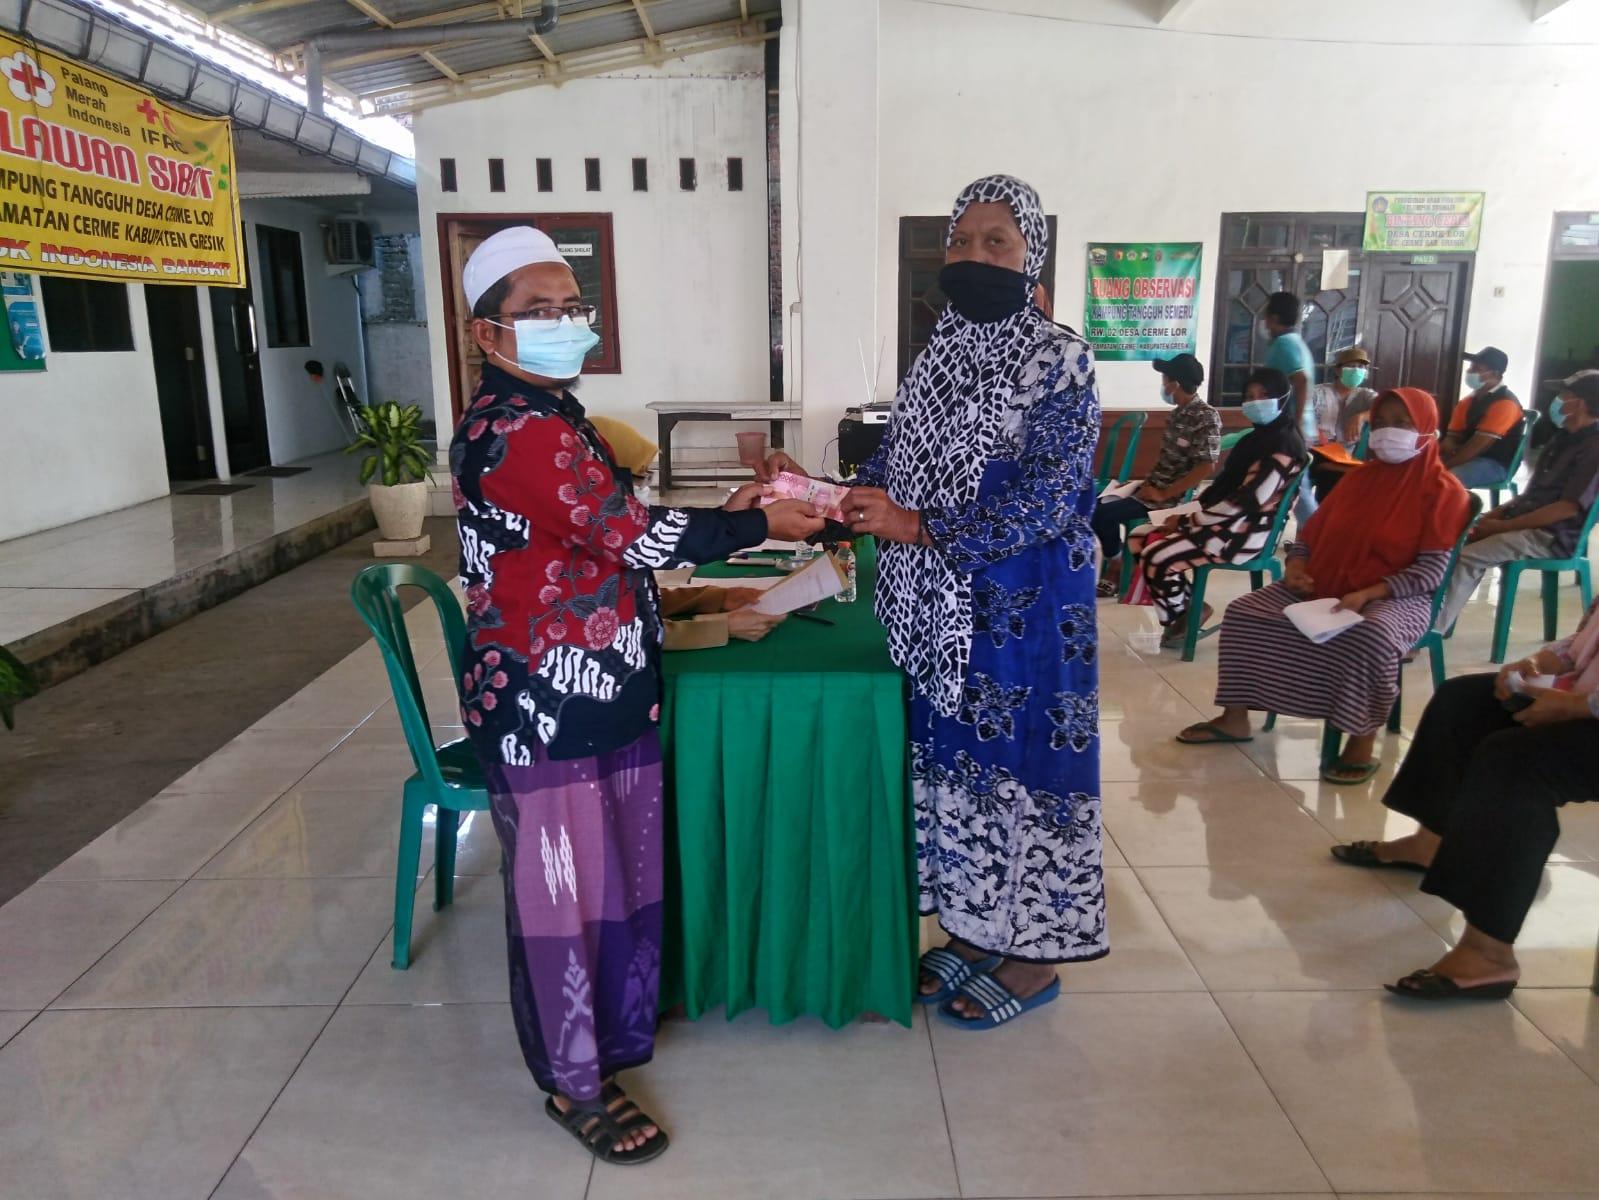 Pensosmas Jawa Timur Dampingi Penyaluran Bantuan untuk Anak Yatim dan Janda Miskin